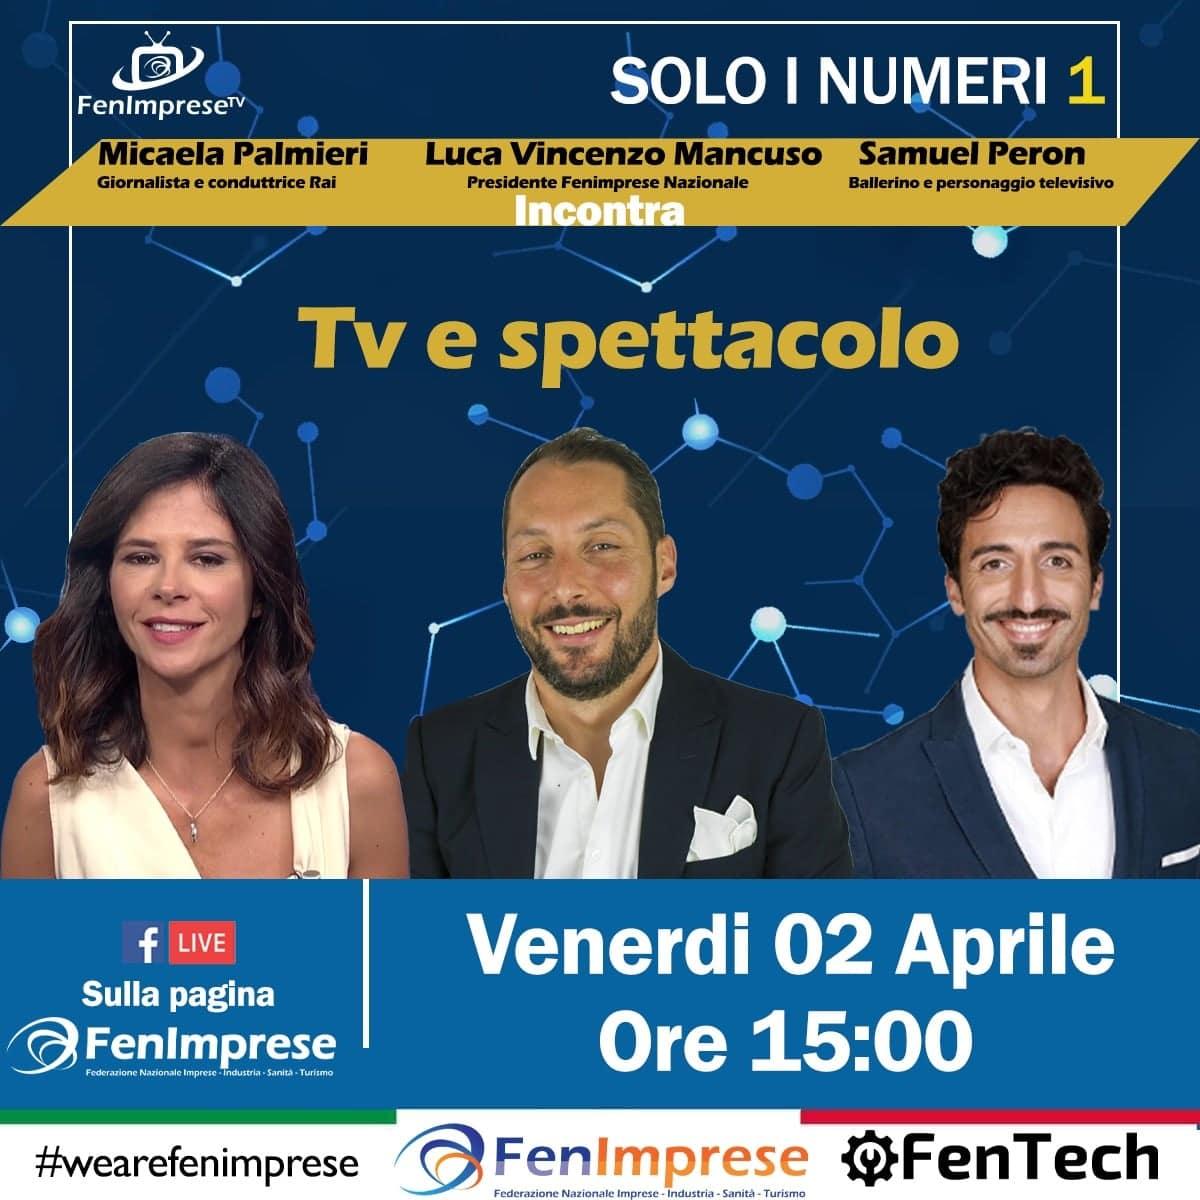 Micaela Palmieri giornalista e conduttrice Rai e Samuel Peron Ballerino e personaggio televisivo con il Presidente Mancuso